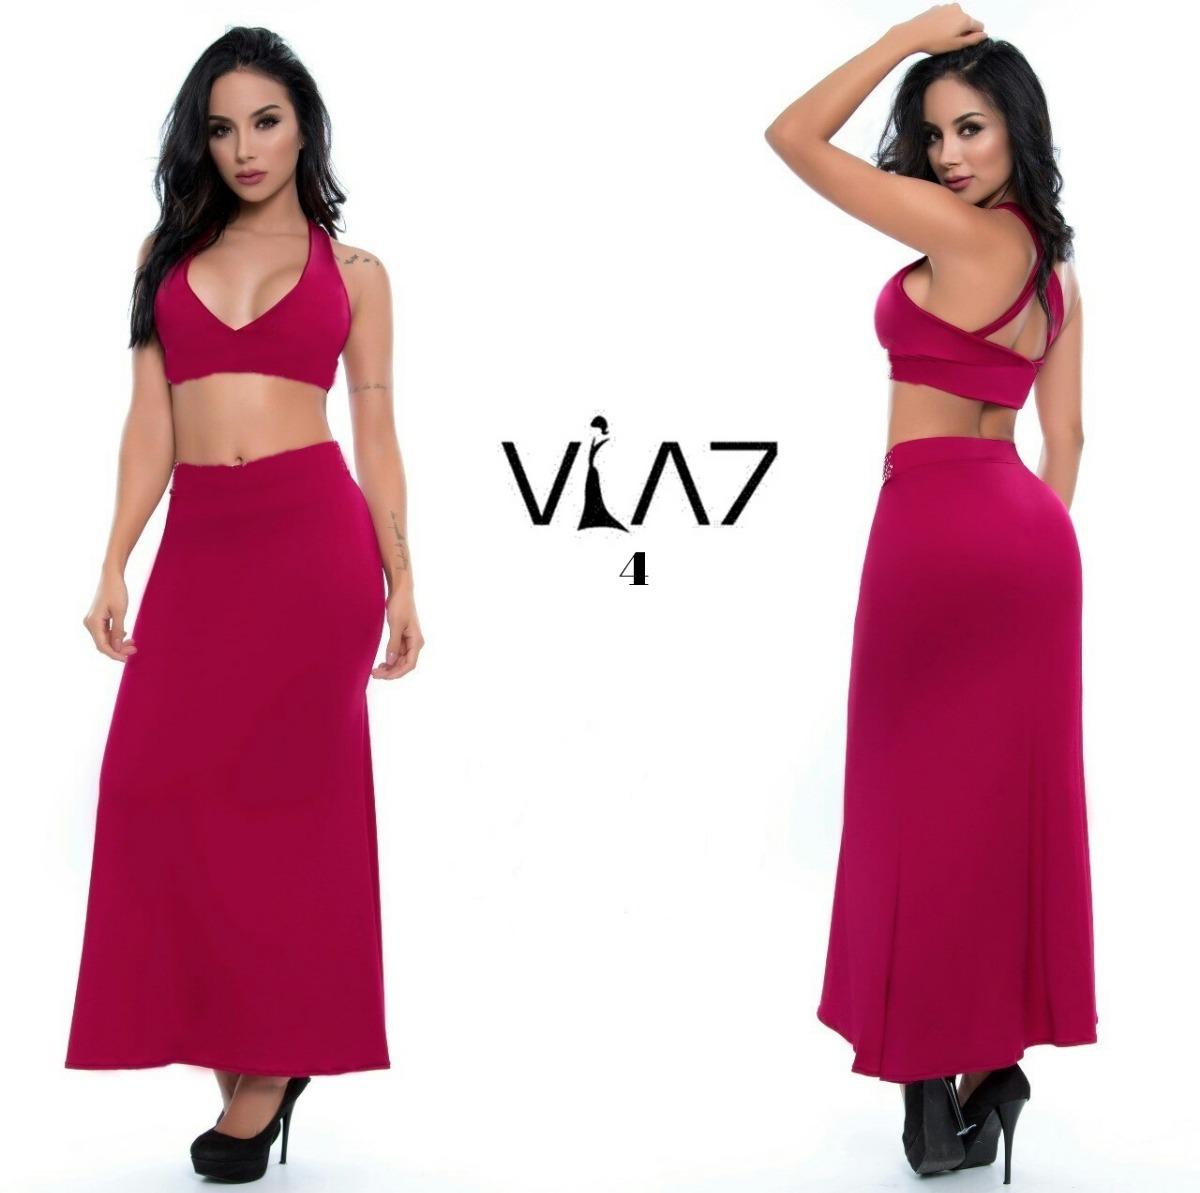 899ad1b47a0 Conjunto De Falda Larga Y Blusa Corta Para Mujer Nueva -   85.000 en  Mercado Libre